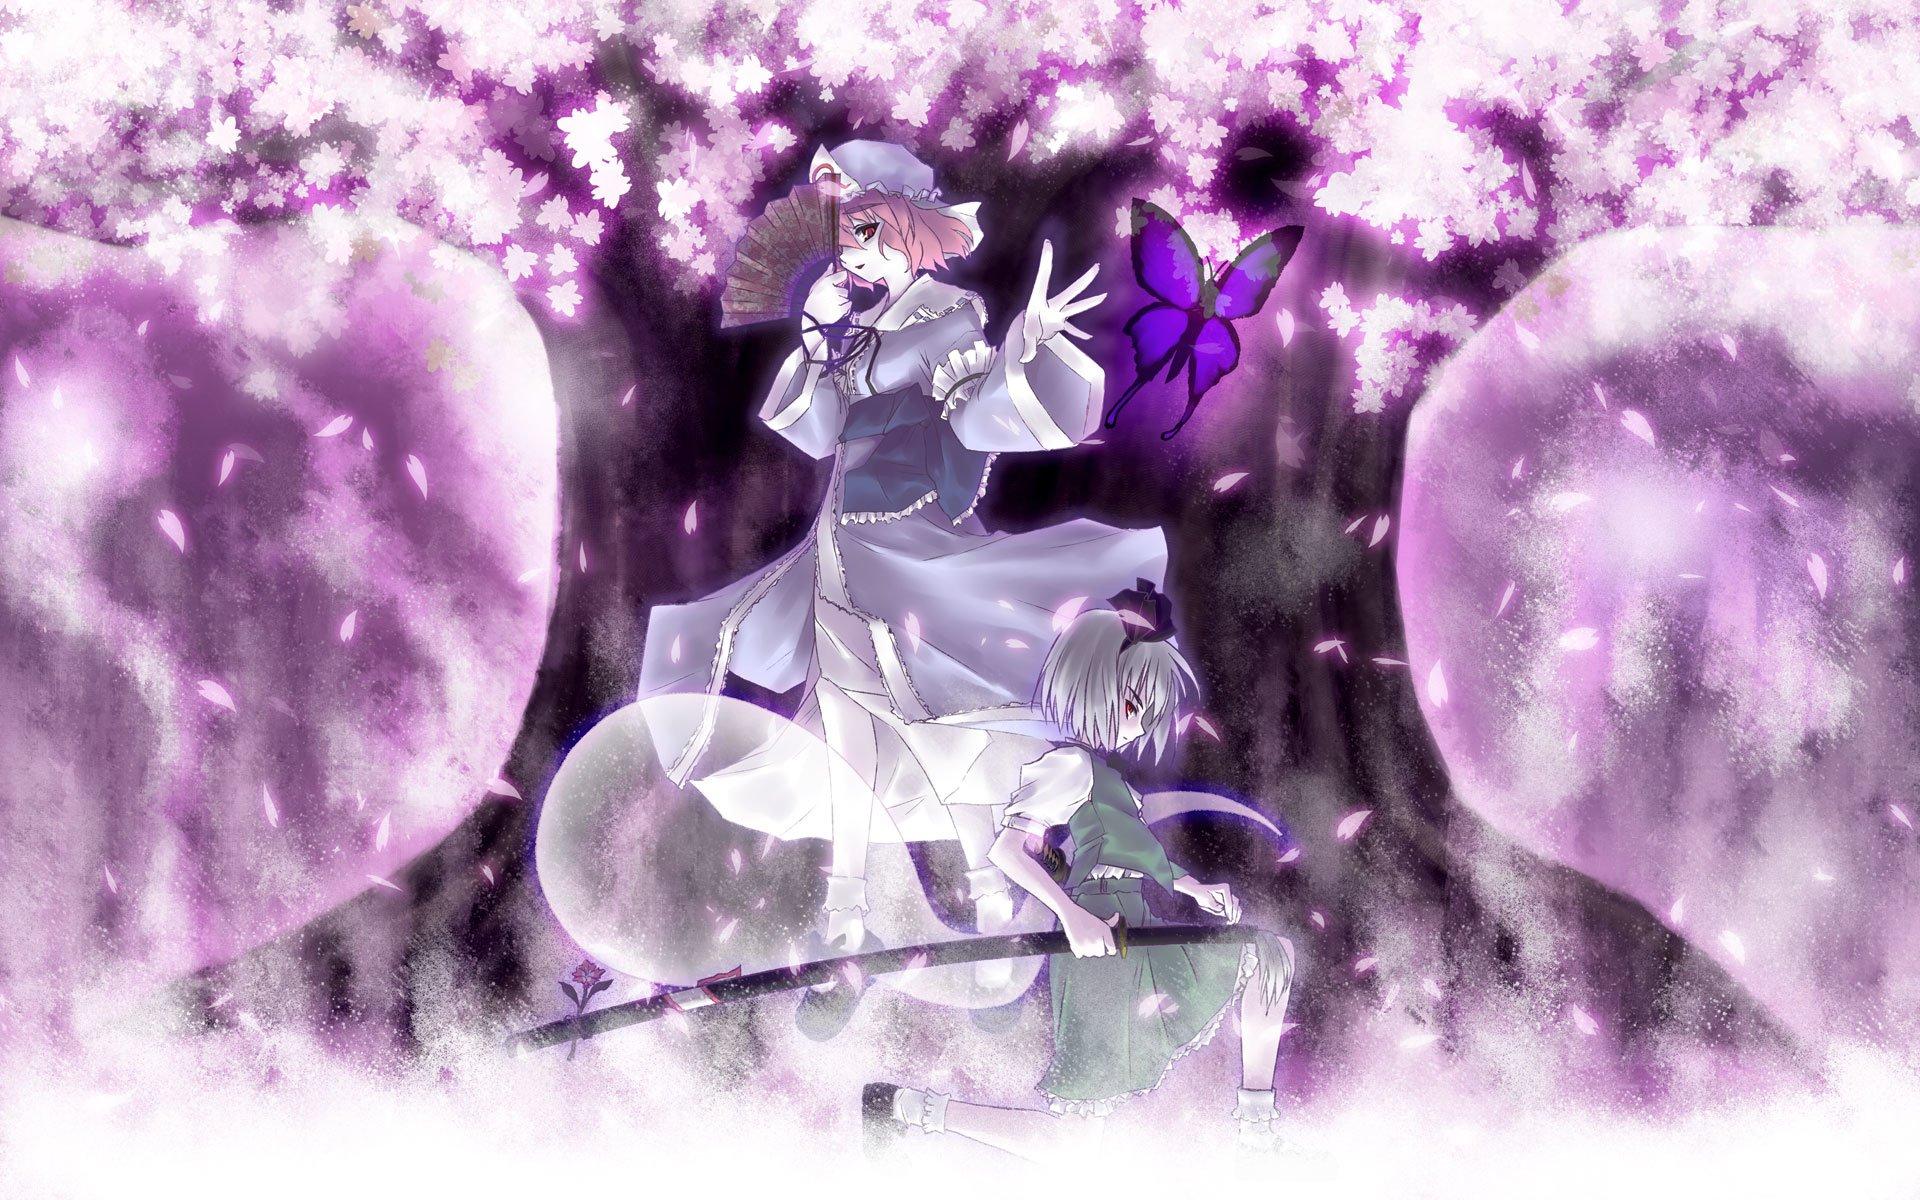 Anime - Touhou  Purple Girl Butterfly Yuyuko Saigyouji Youmu Konpaku Wallpaper